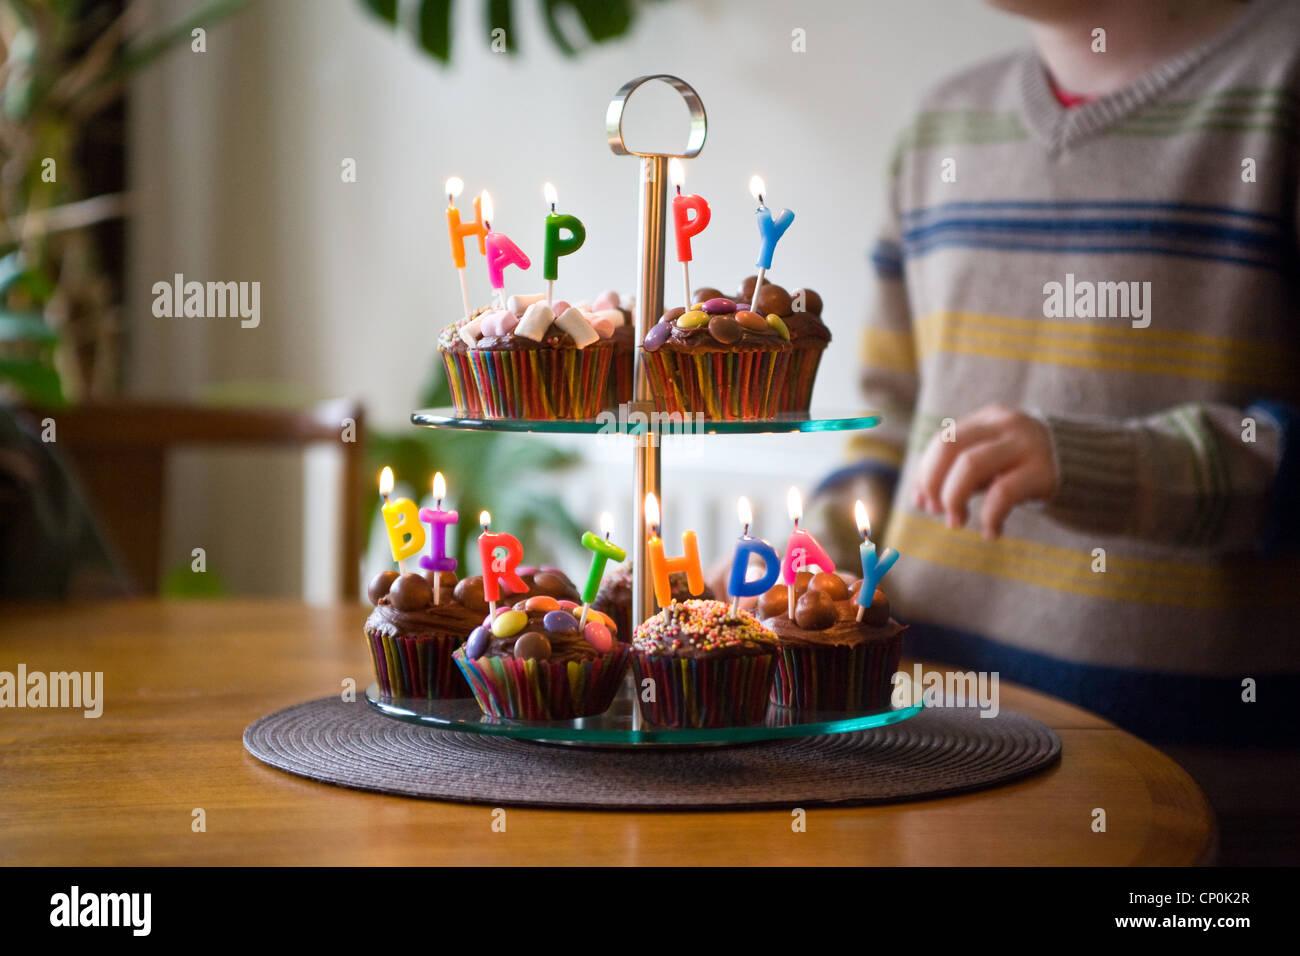 Happy Birthday Kuchen Tasse Kuchen Geburtstagstorte Kerzen Party